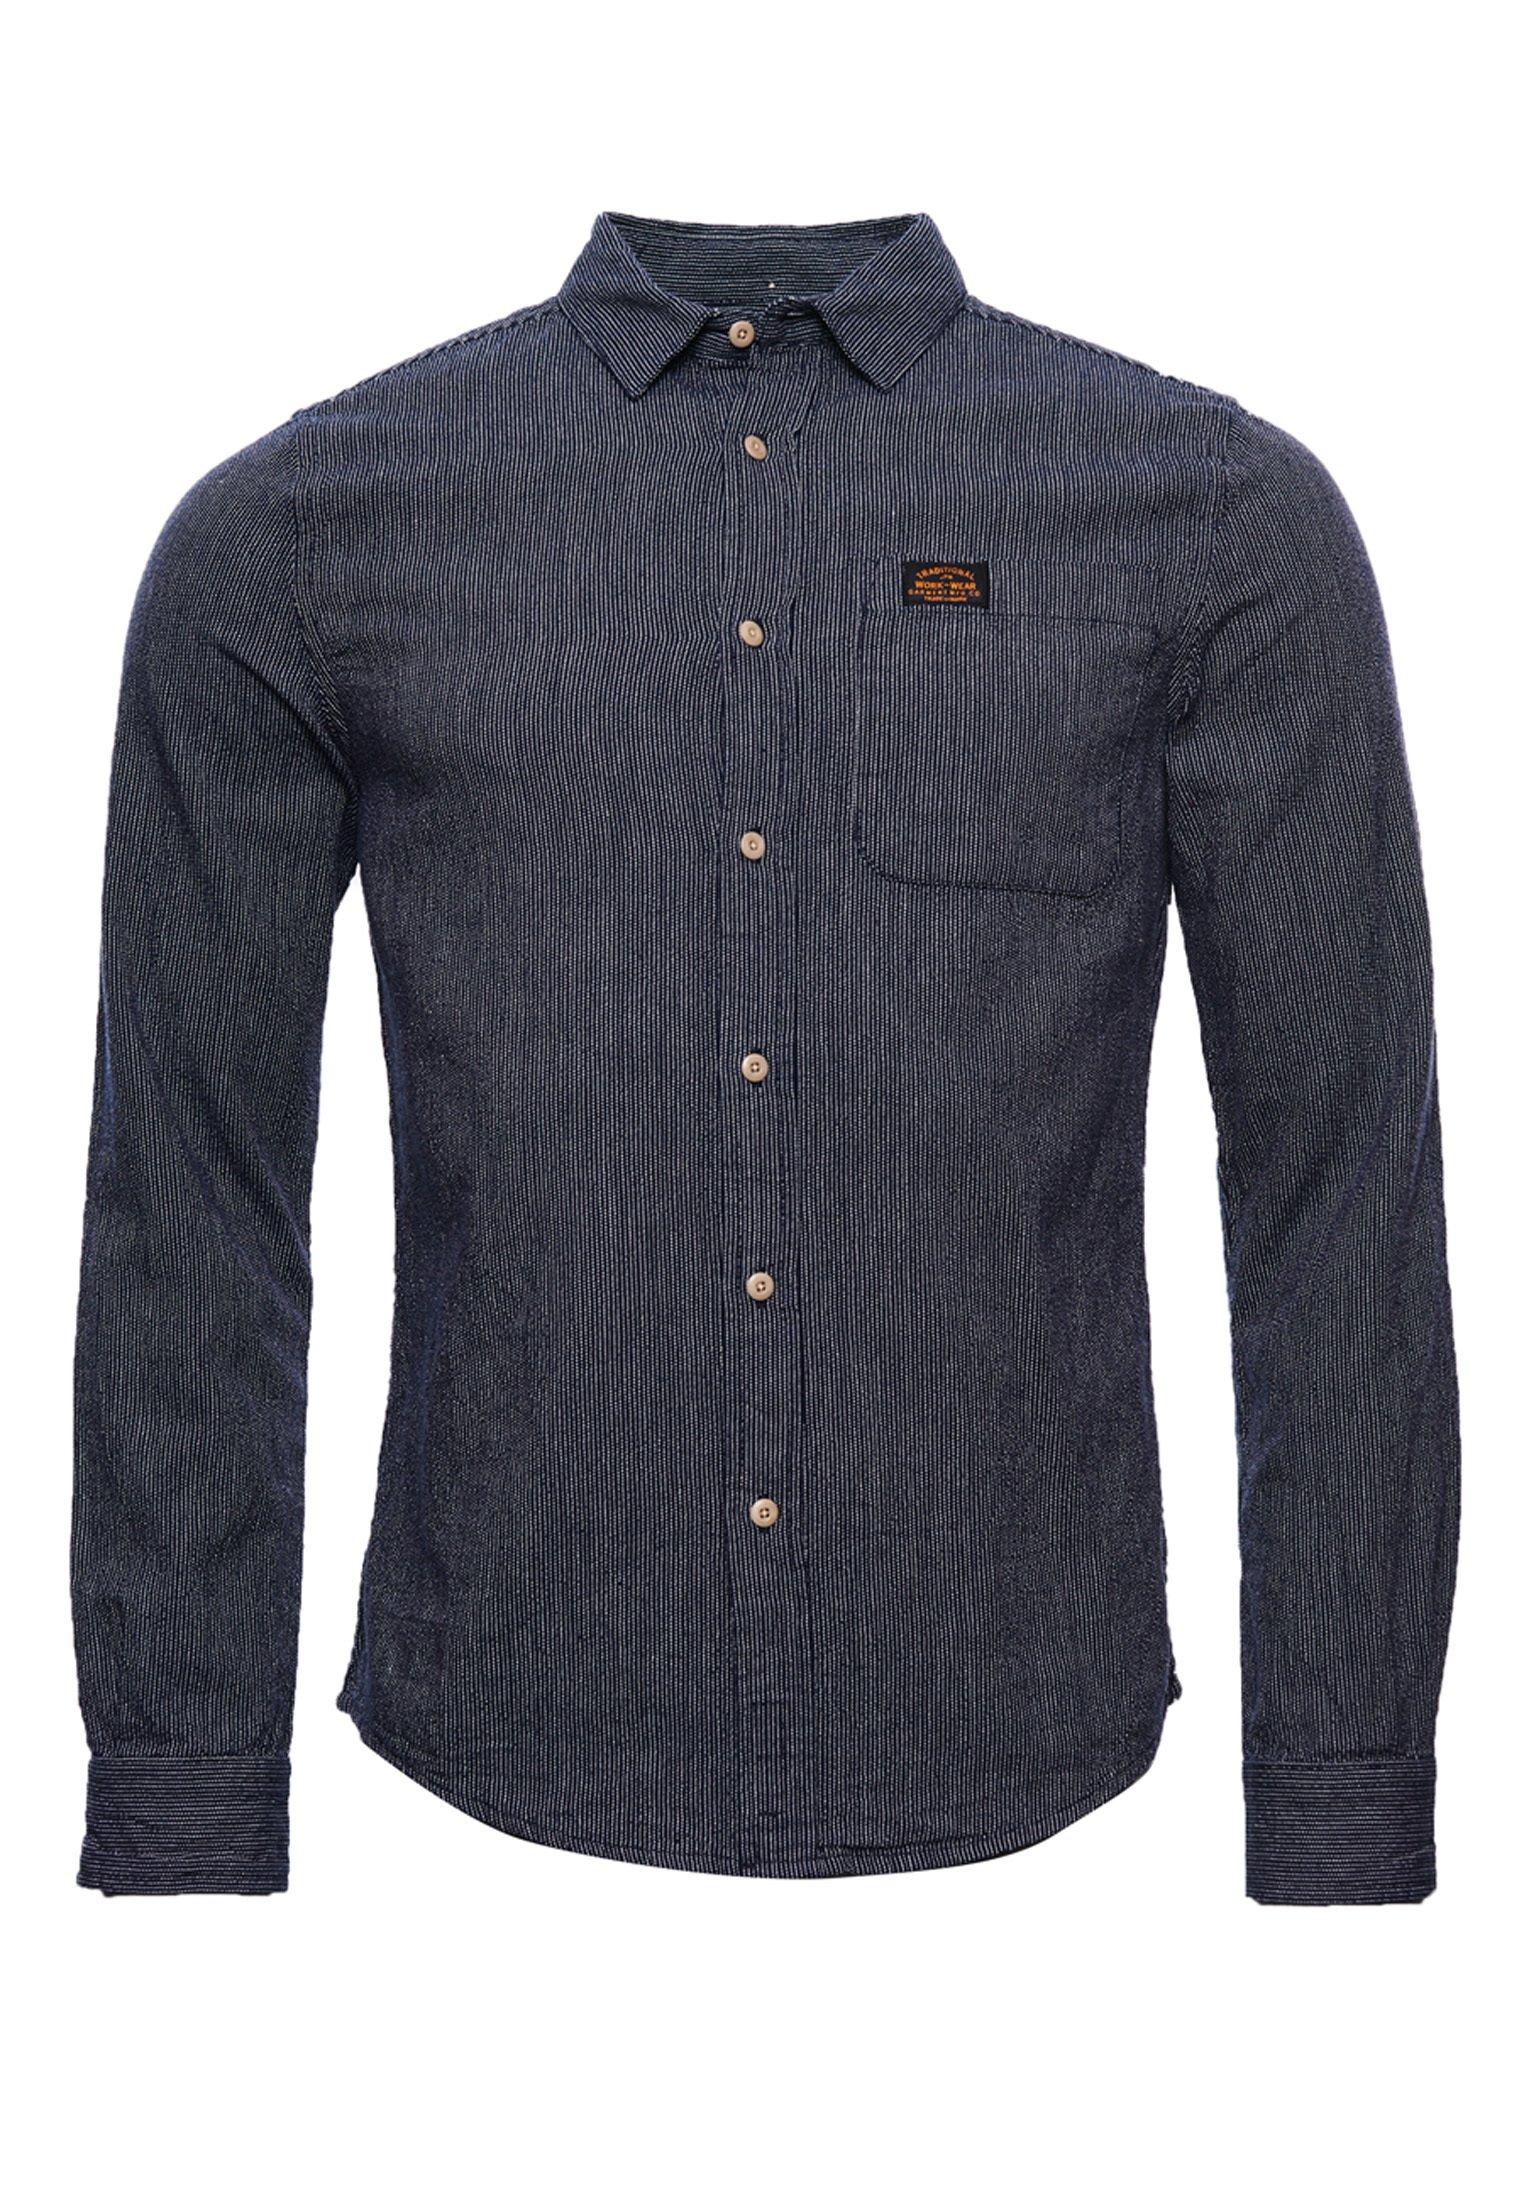 Superdry Hemden für Herren versandkostenfrei online   ZALANDO